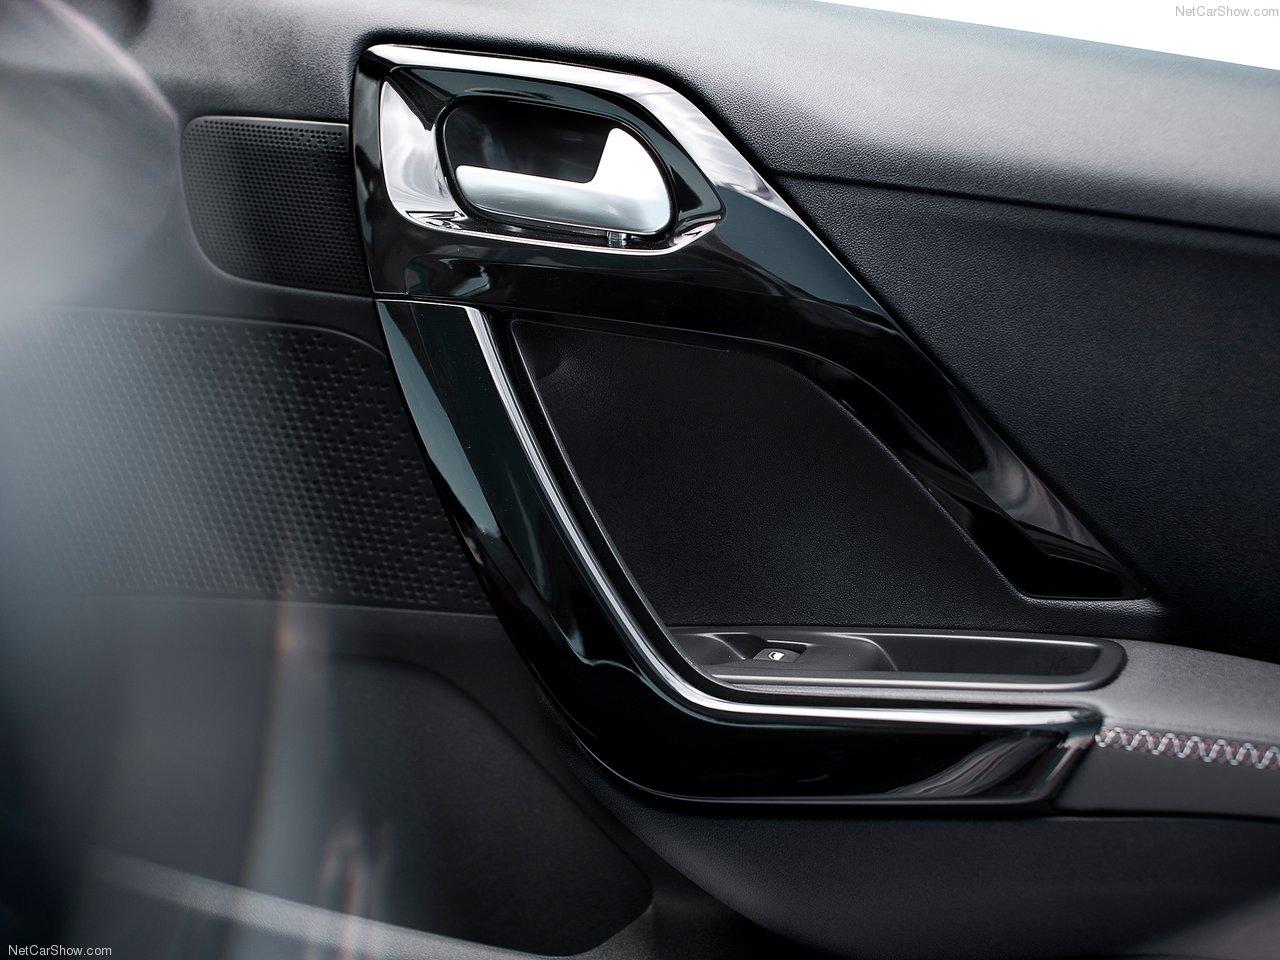 Peugeot-208-2013-1280-4a